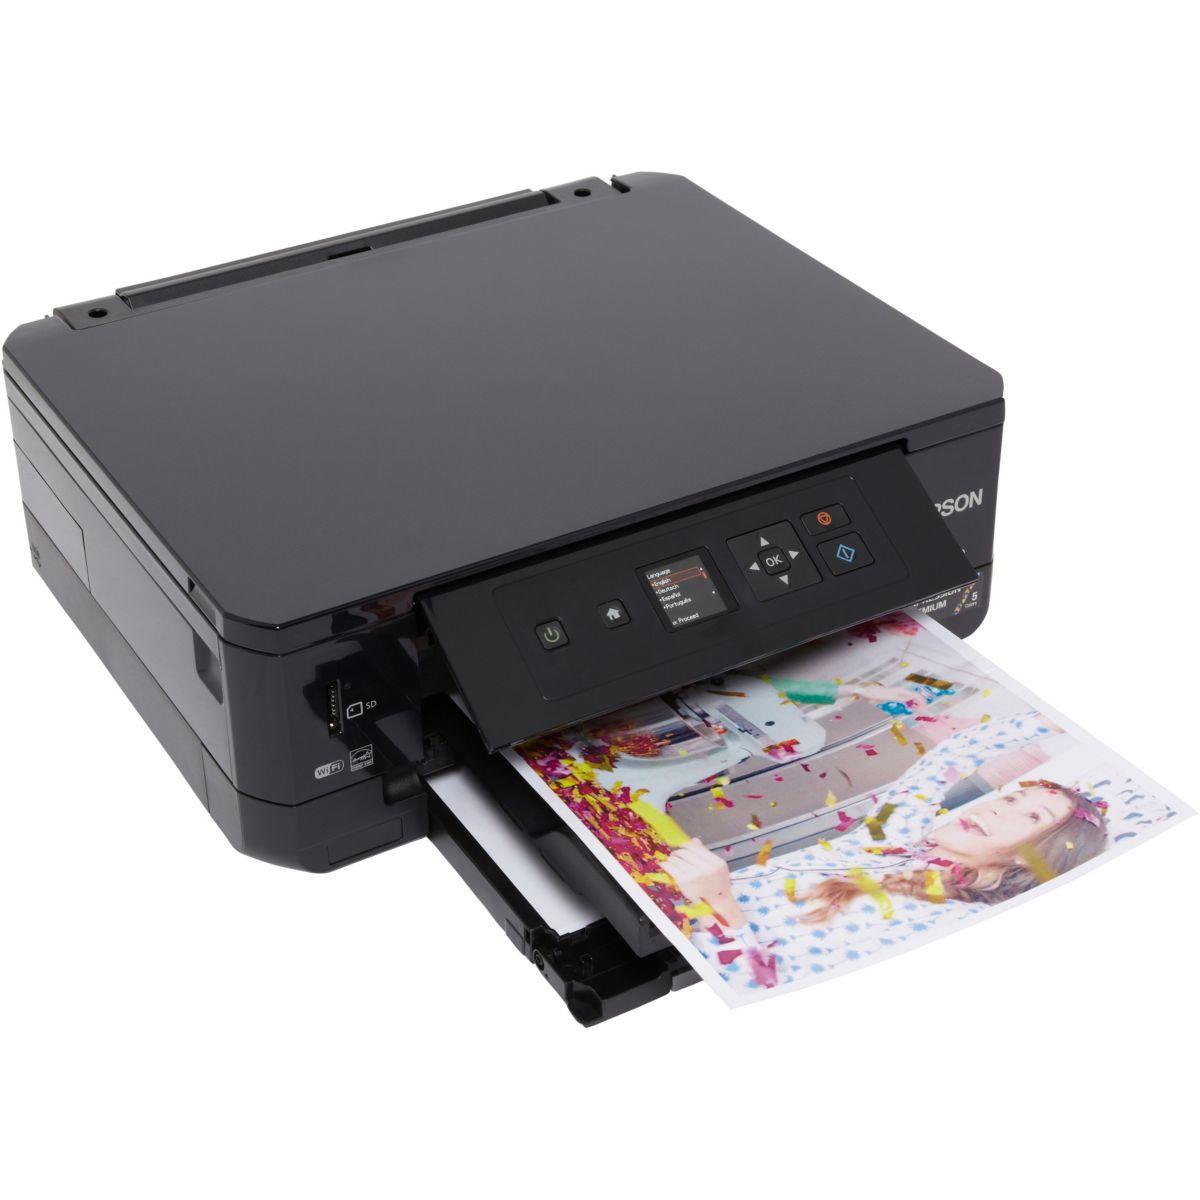 Imprimante multifonction jet encre EPSON XP 540 (photo)